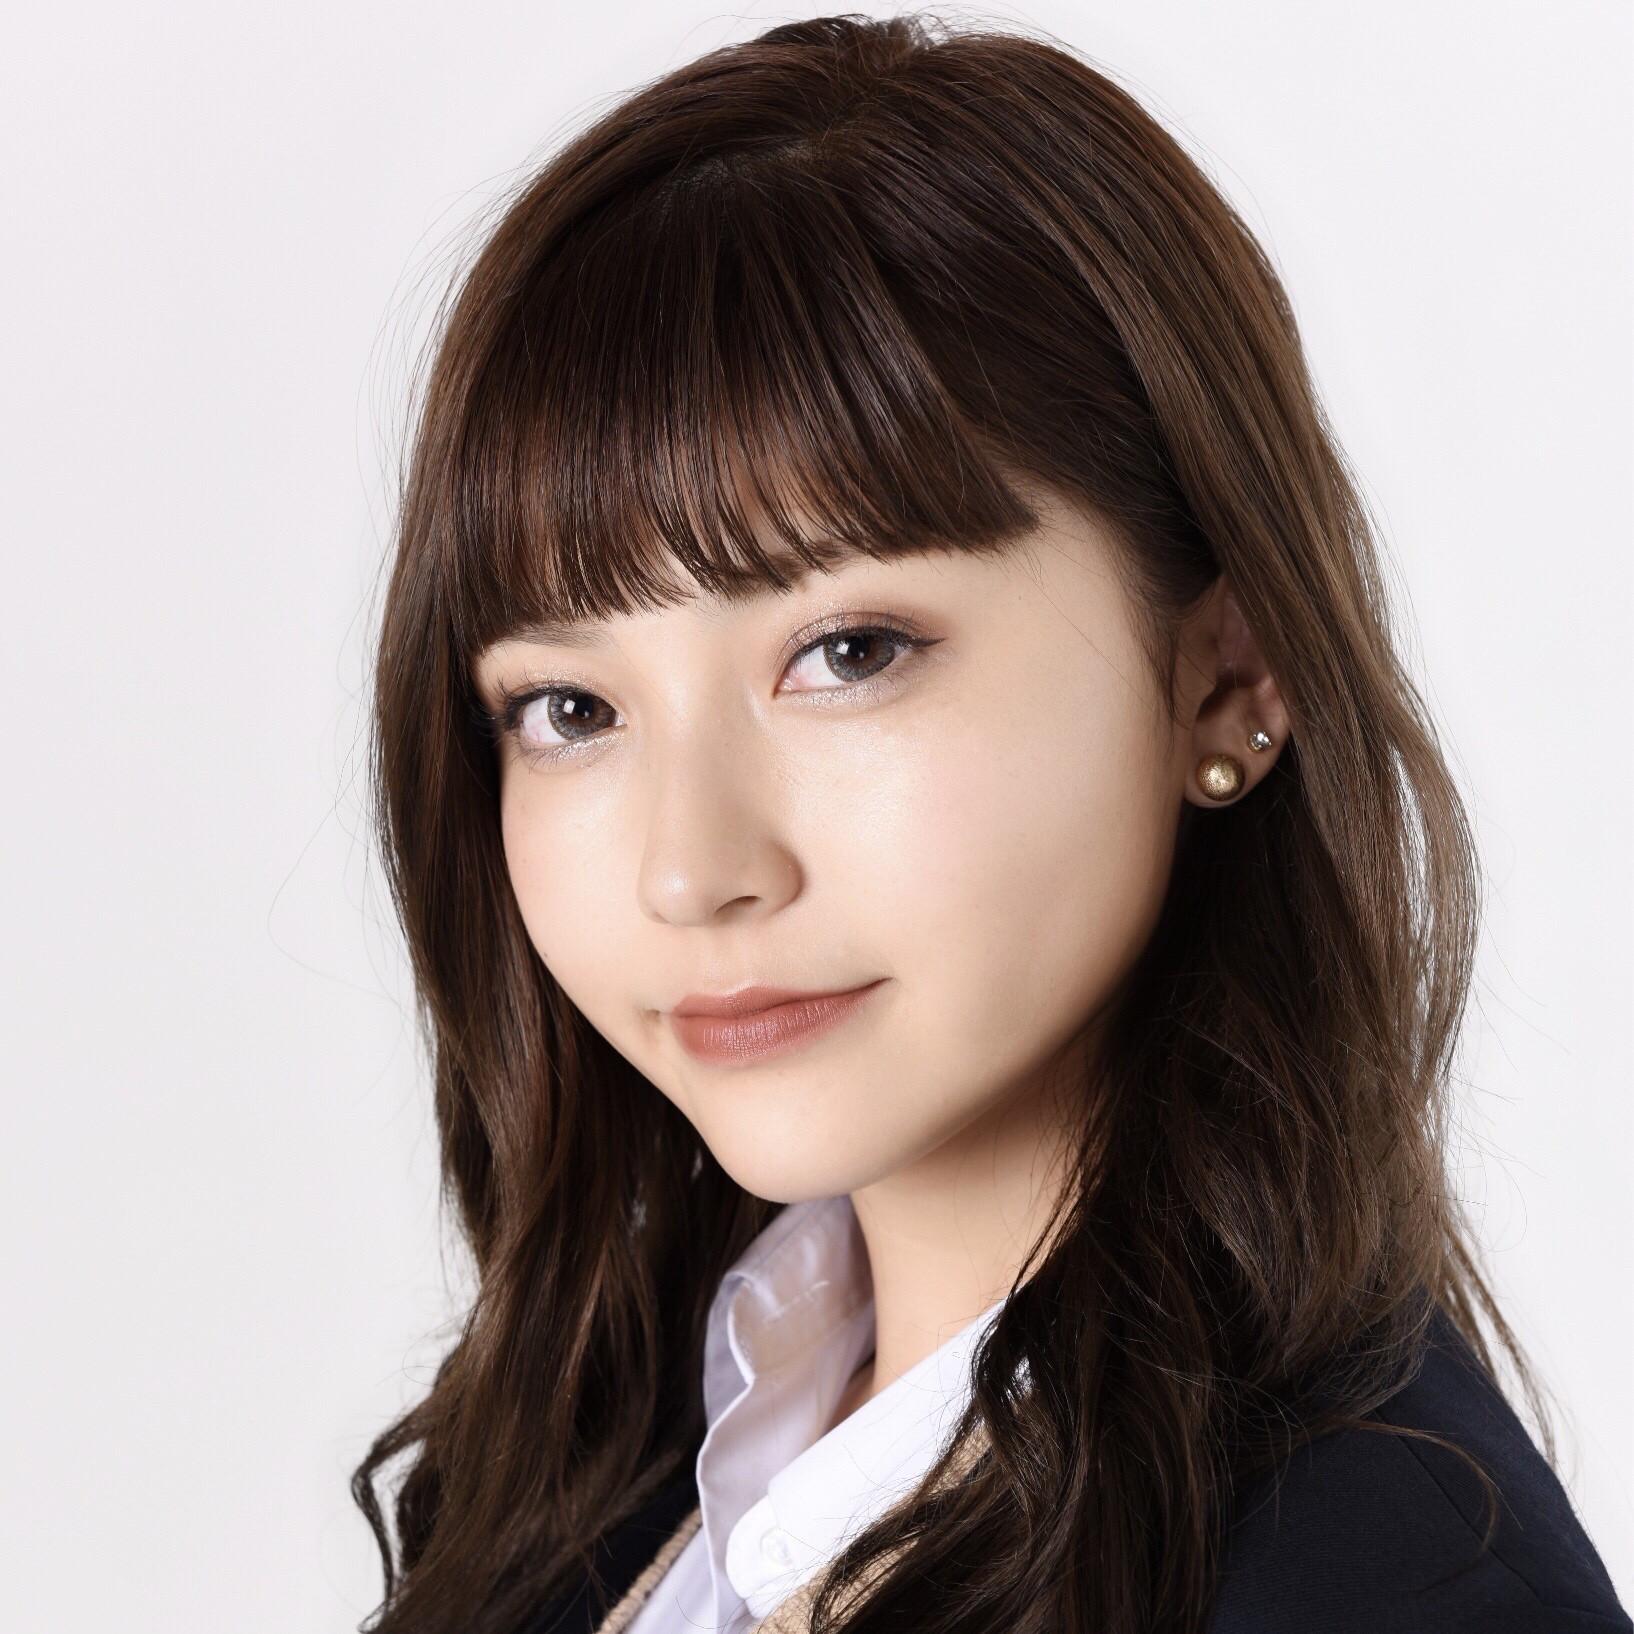 【画像】女子高生ミスコン静岡代表女の子、お前らどうせこんなん好きなんやろ感がすごい